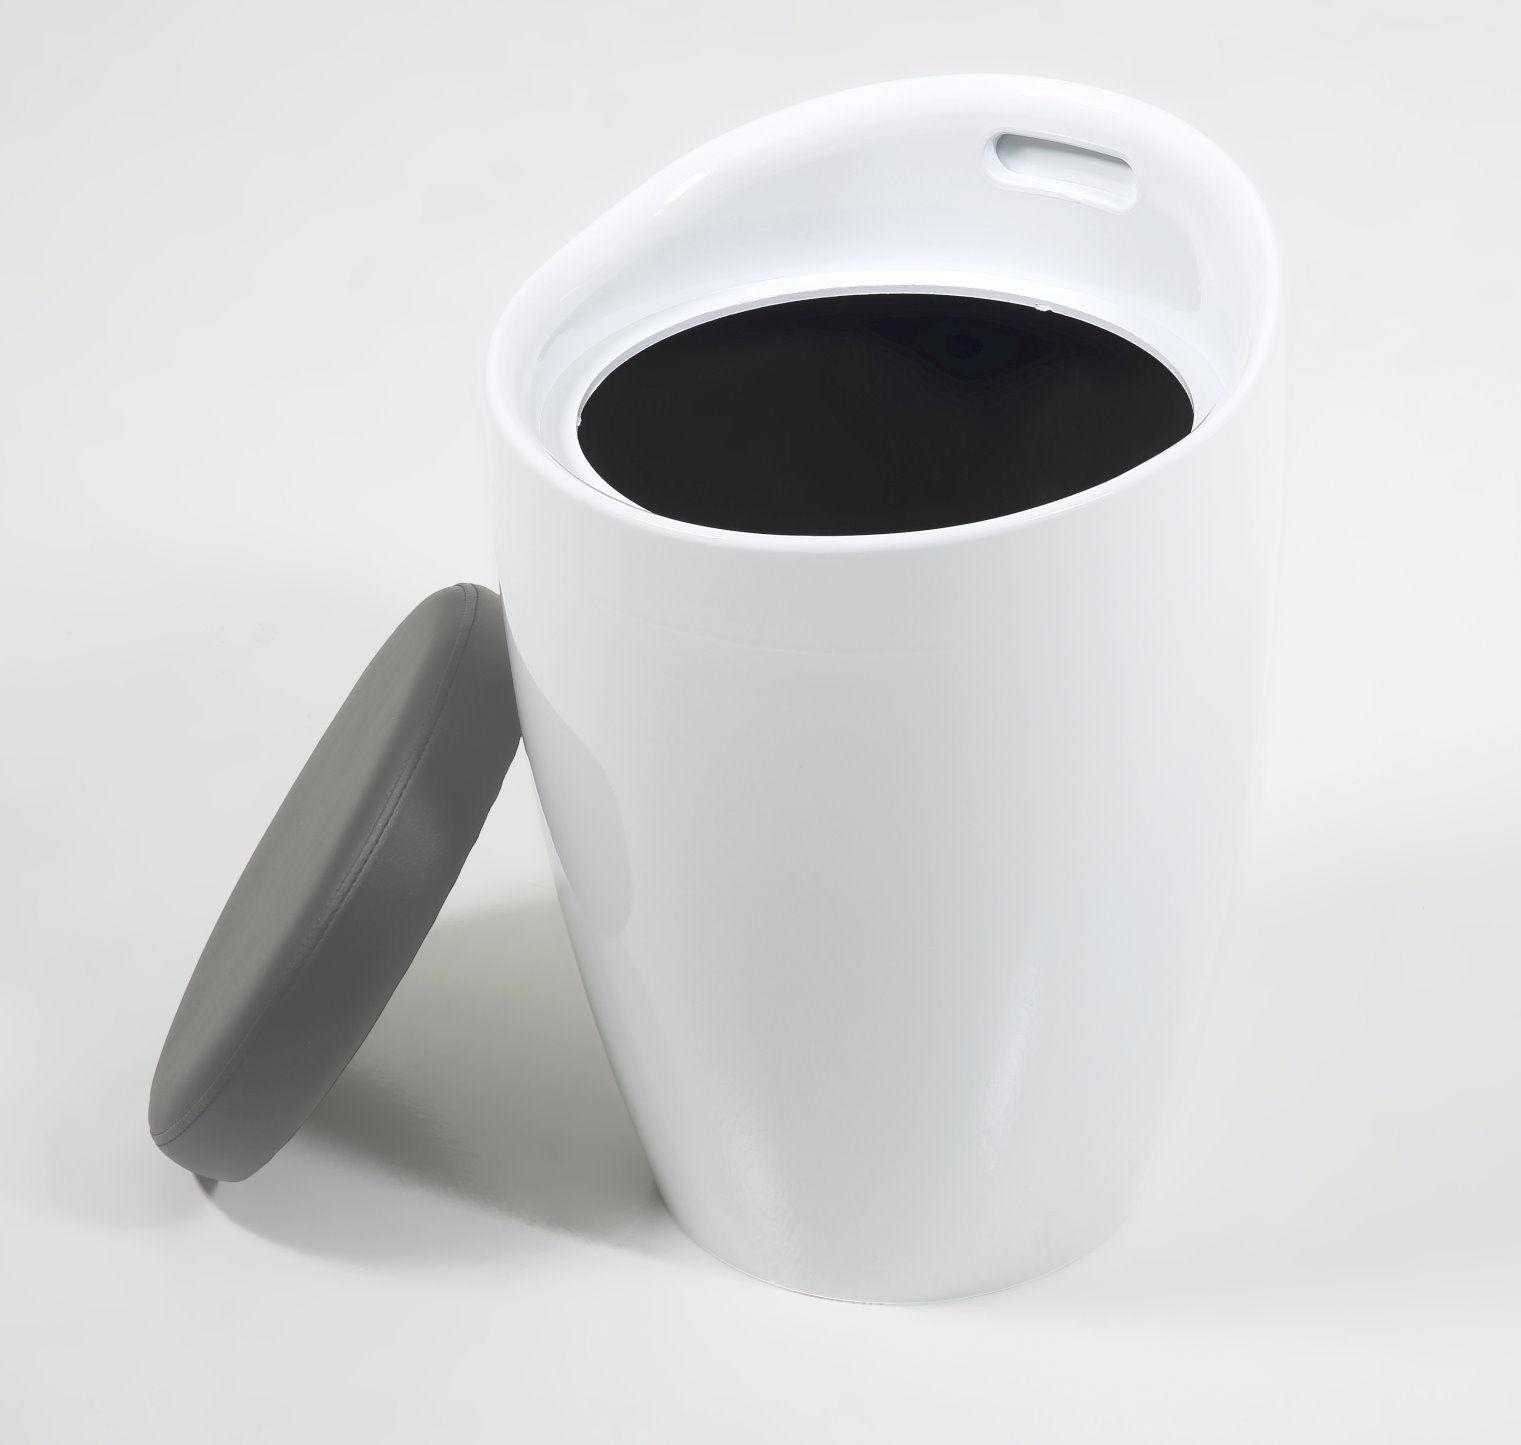 pkline hocker weiss mit grauem sitzkissen sitzhocker. Black Bedroom Furniture Sets. Home Design Ideas